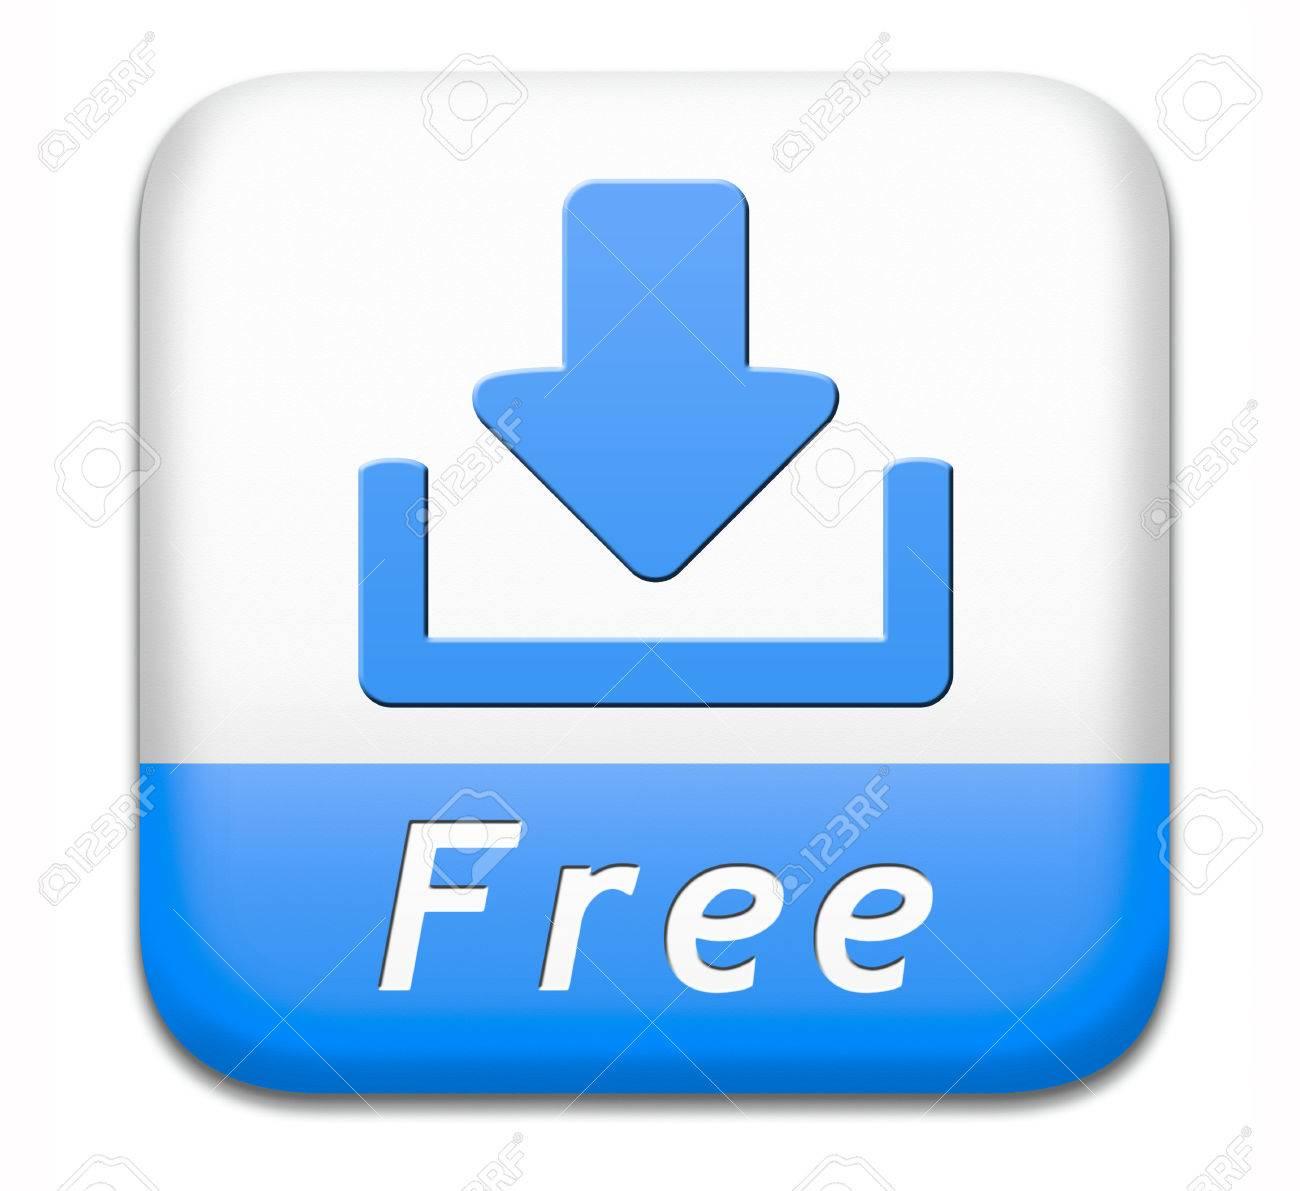 Banque d images - Icône de fichier de document pdf téléchargement gratuit  bouton musique, film vidéo ou le téléchargement de données 7e61b58e2b65